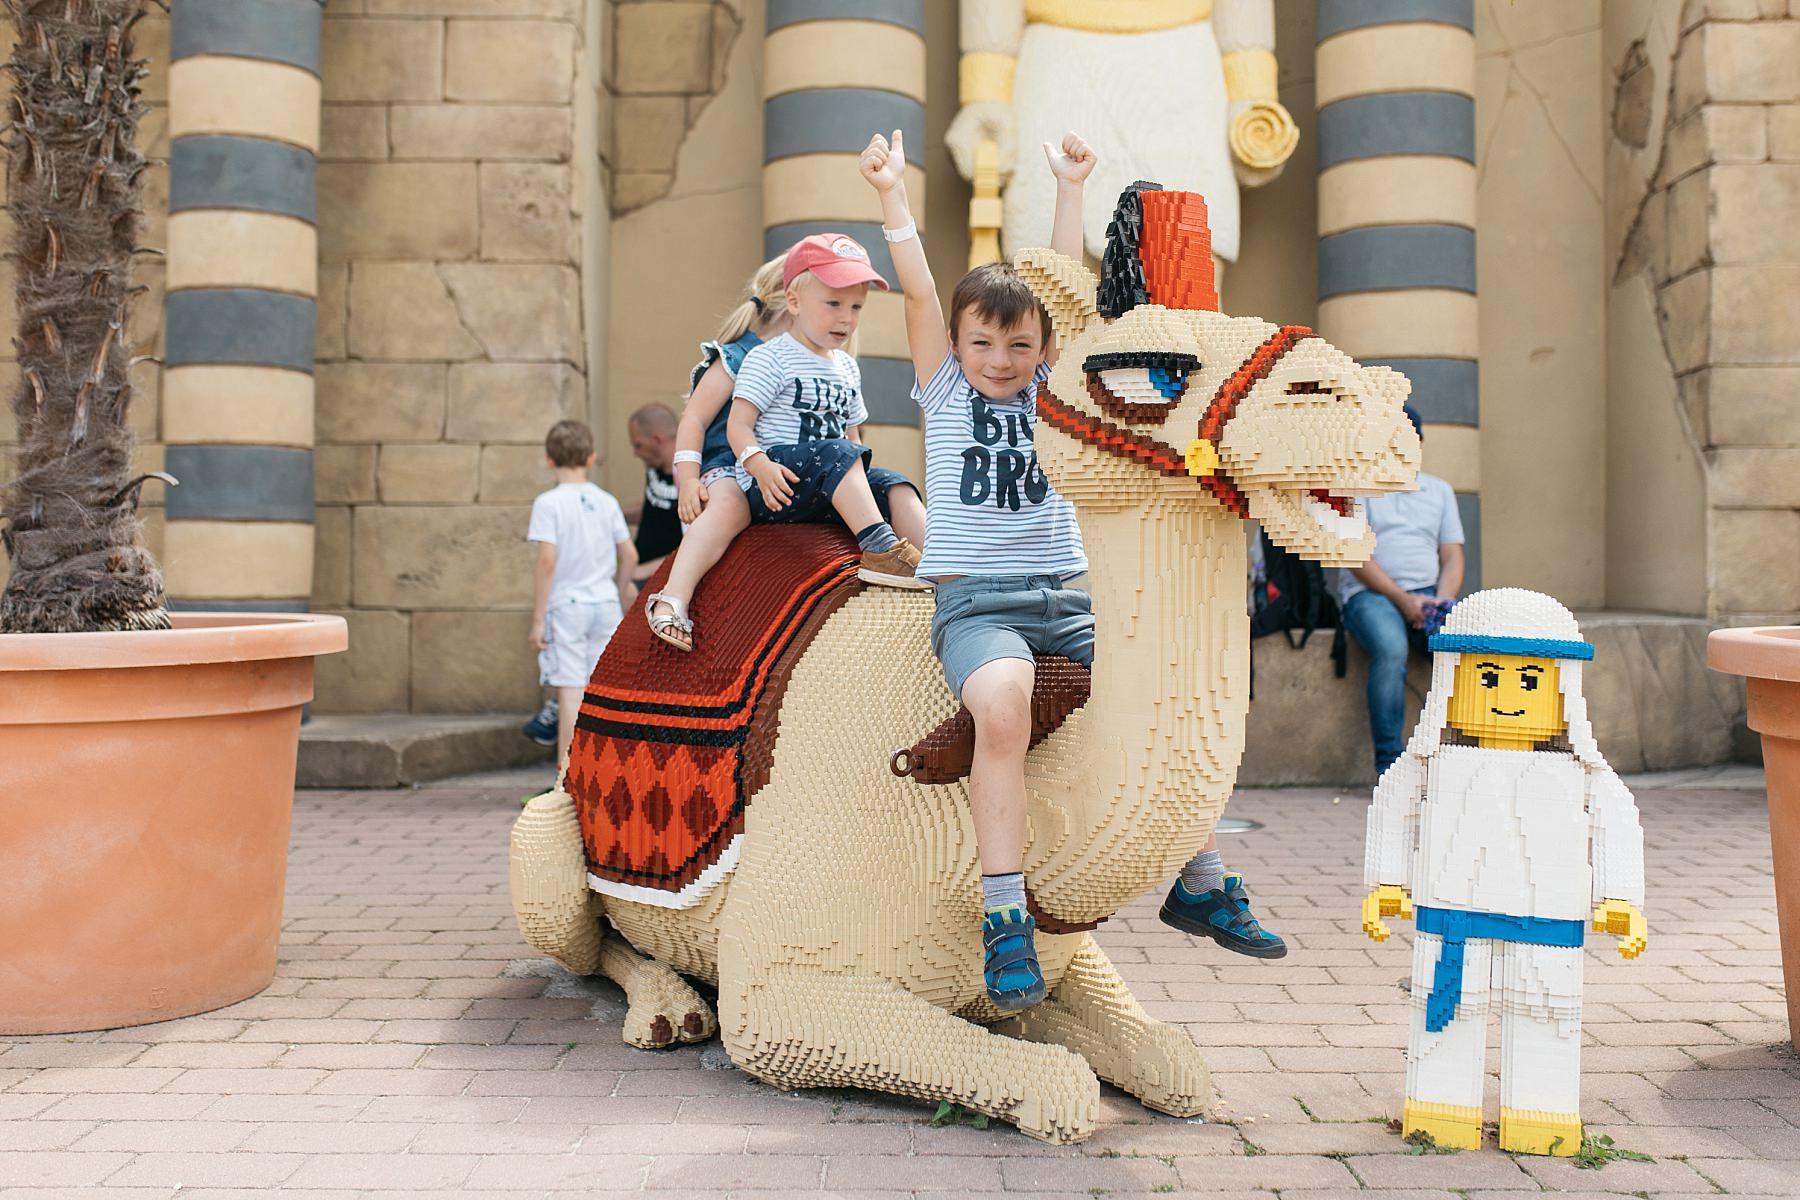 Legoland - 57 millions de briques Lego 54